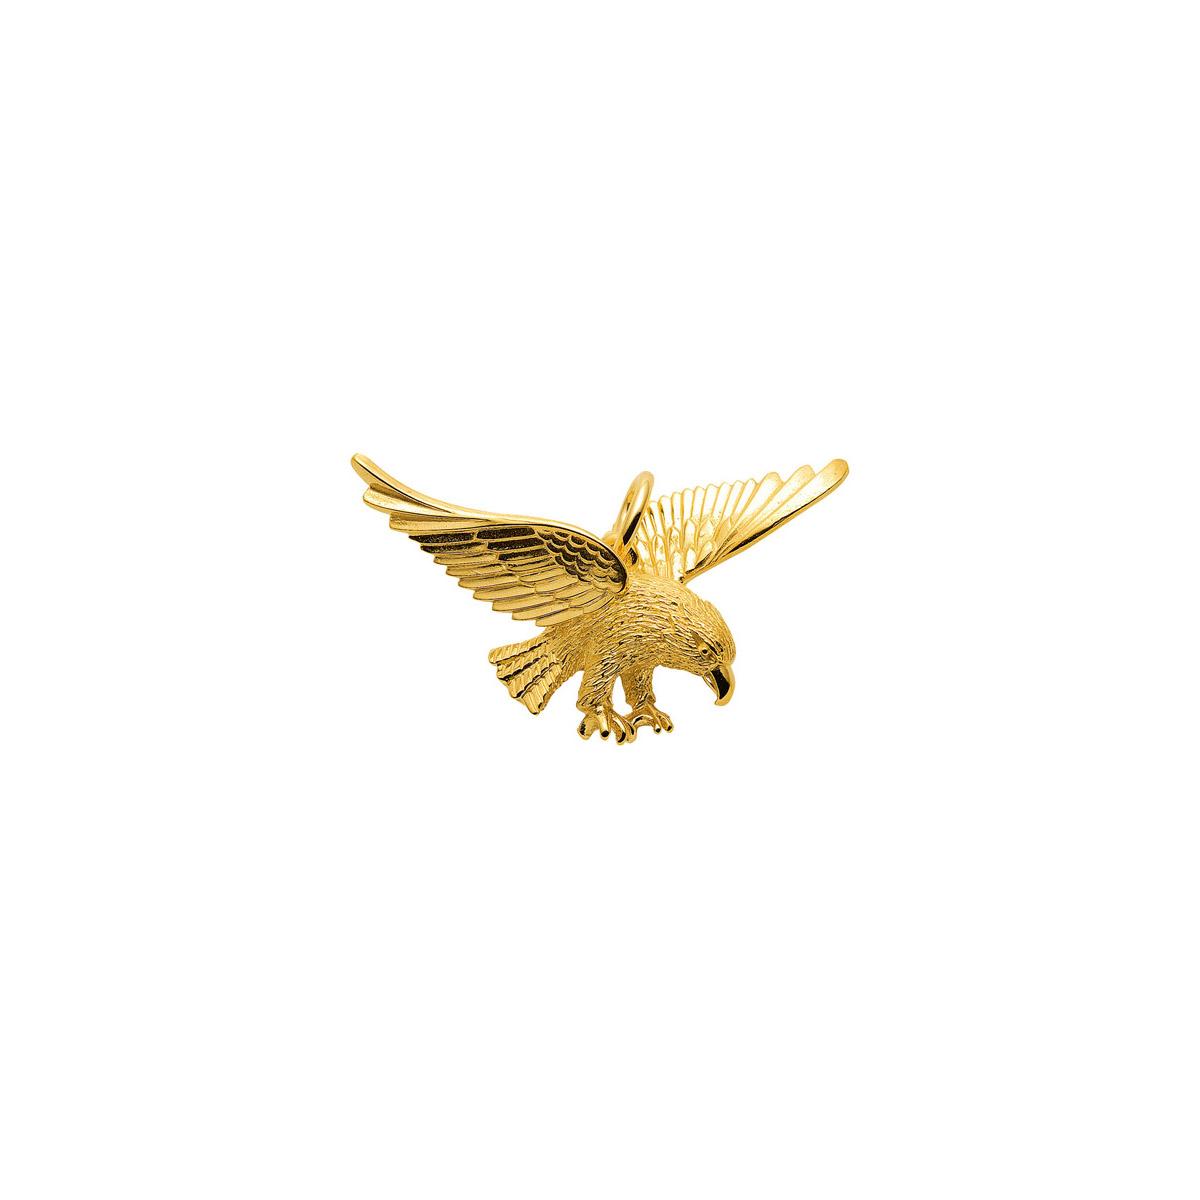 Ørn guld vedhæng